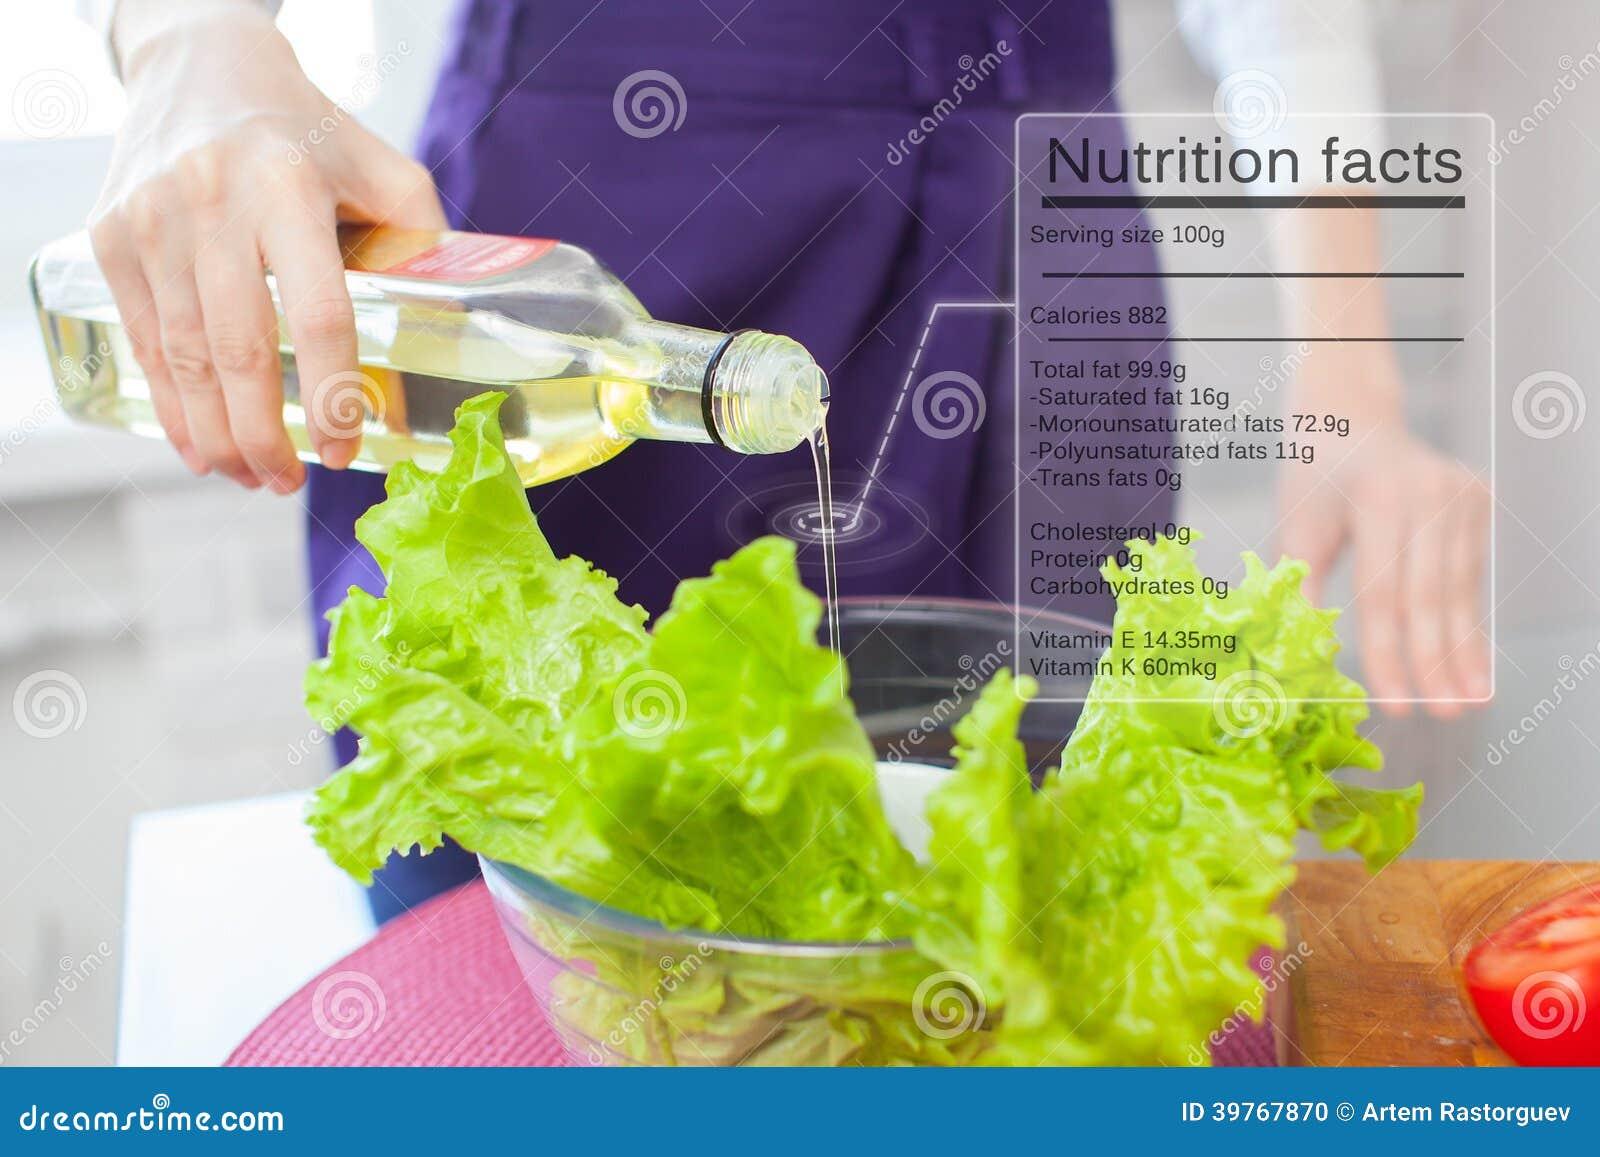 橄榄油营养事实